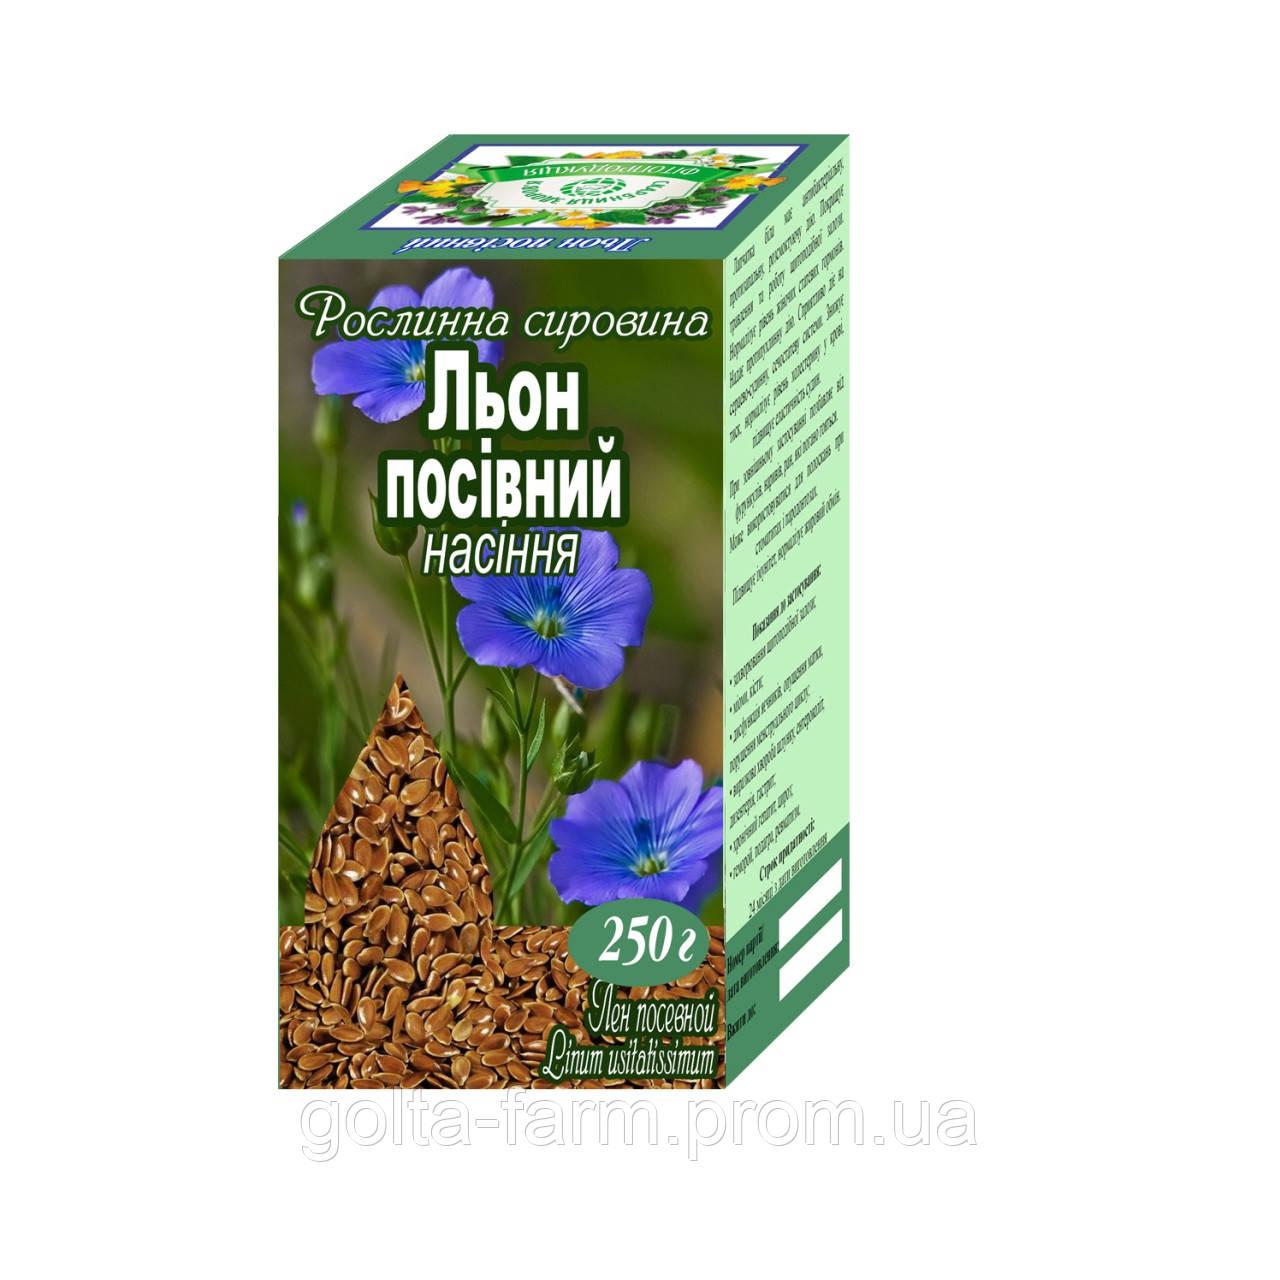 Семена льна 250 грамм